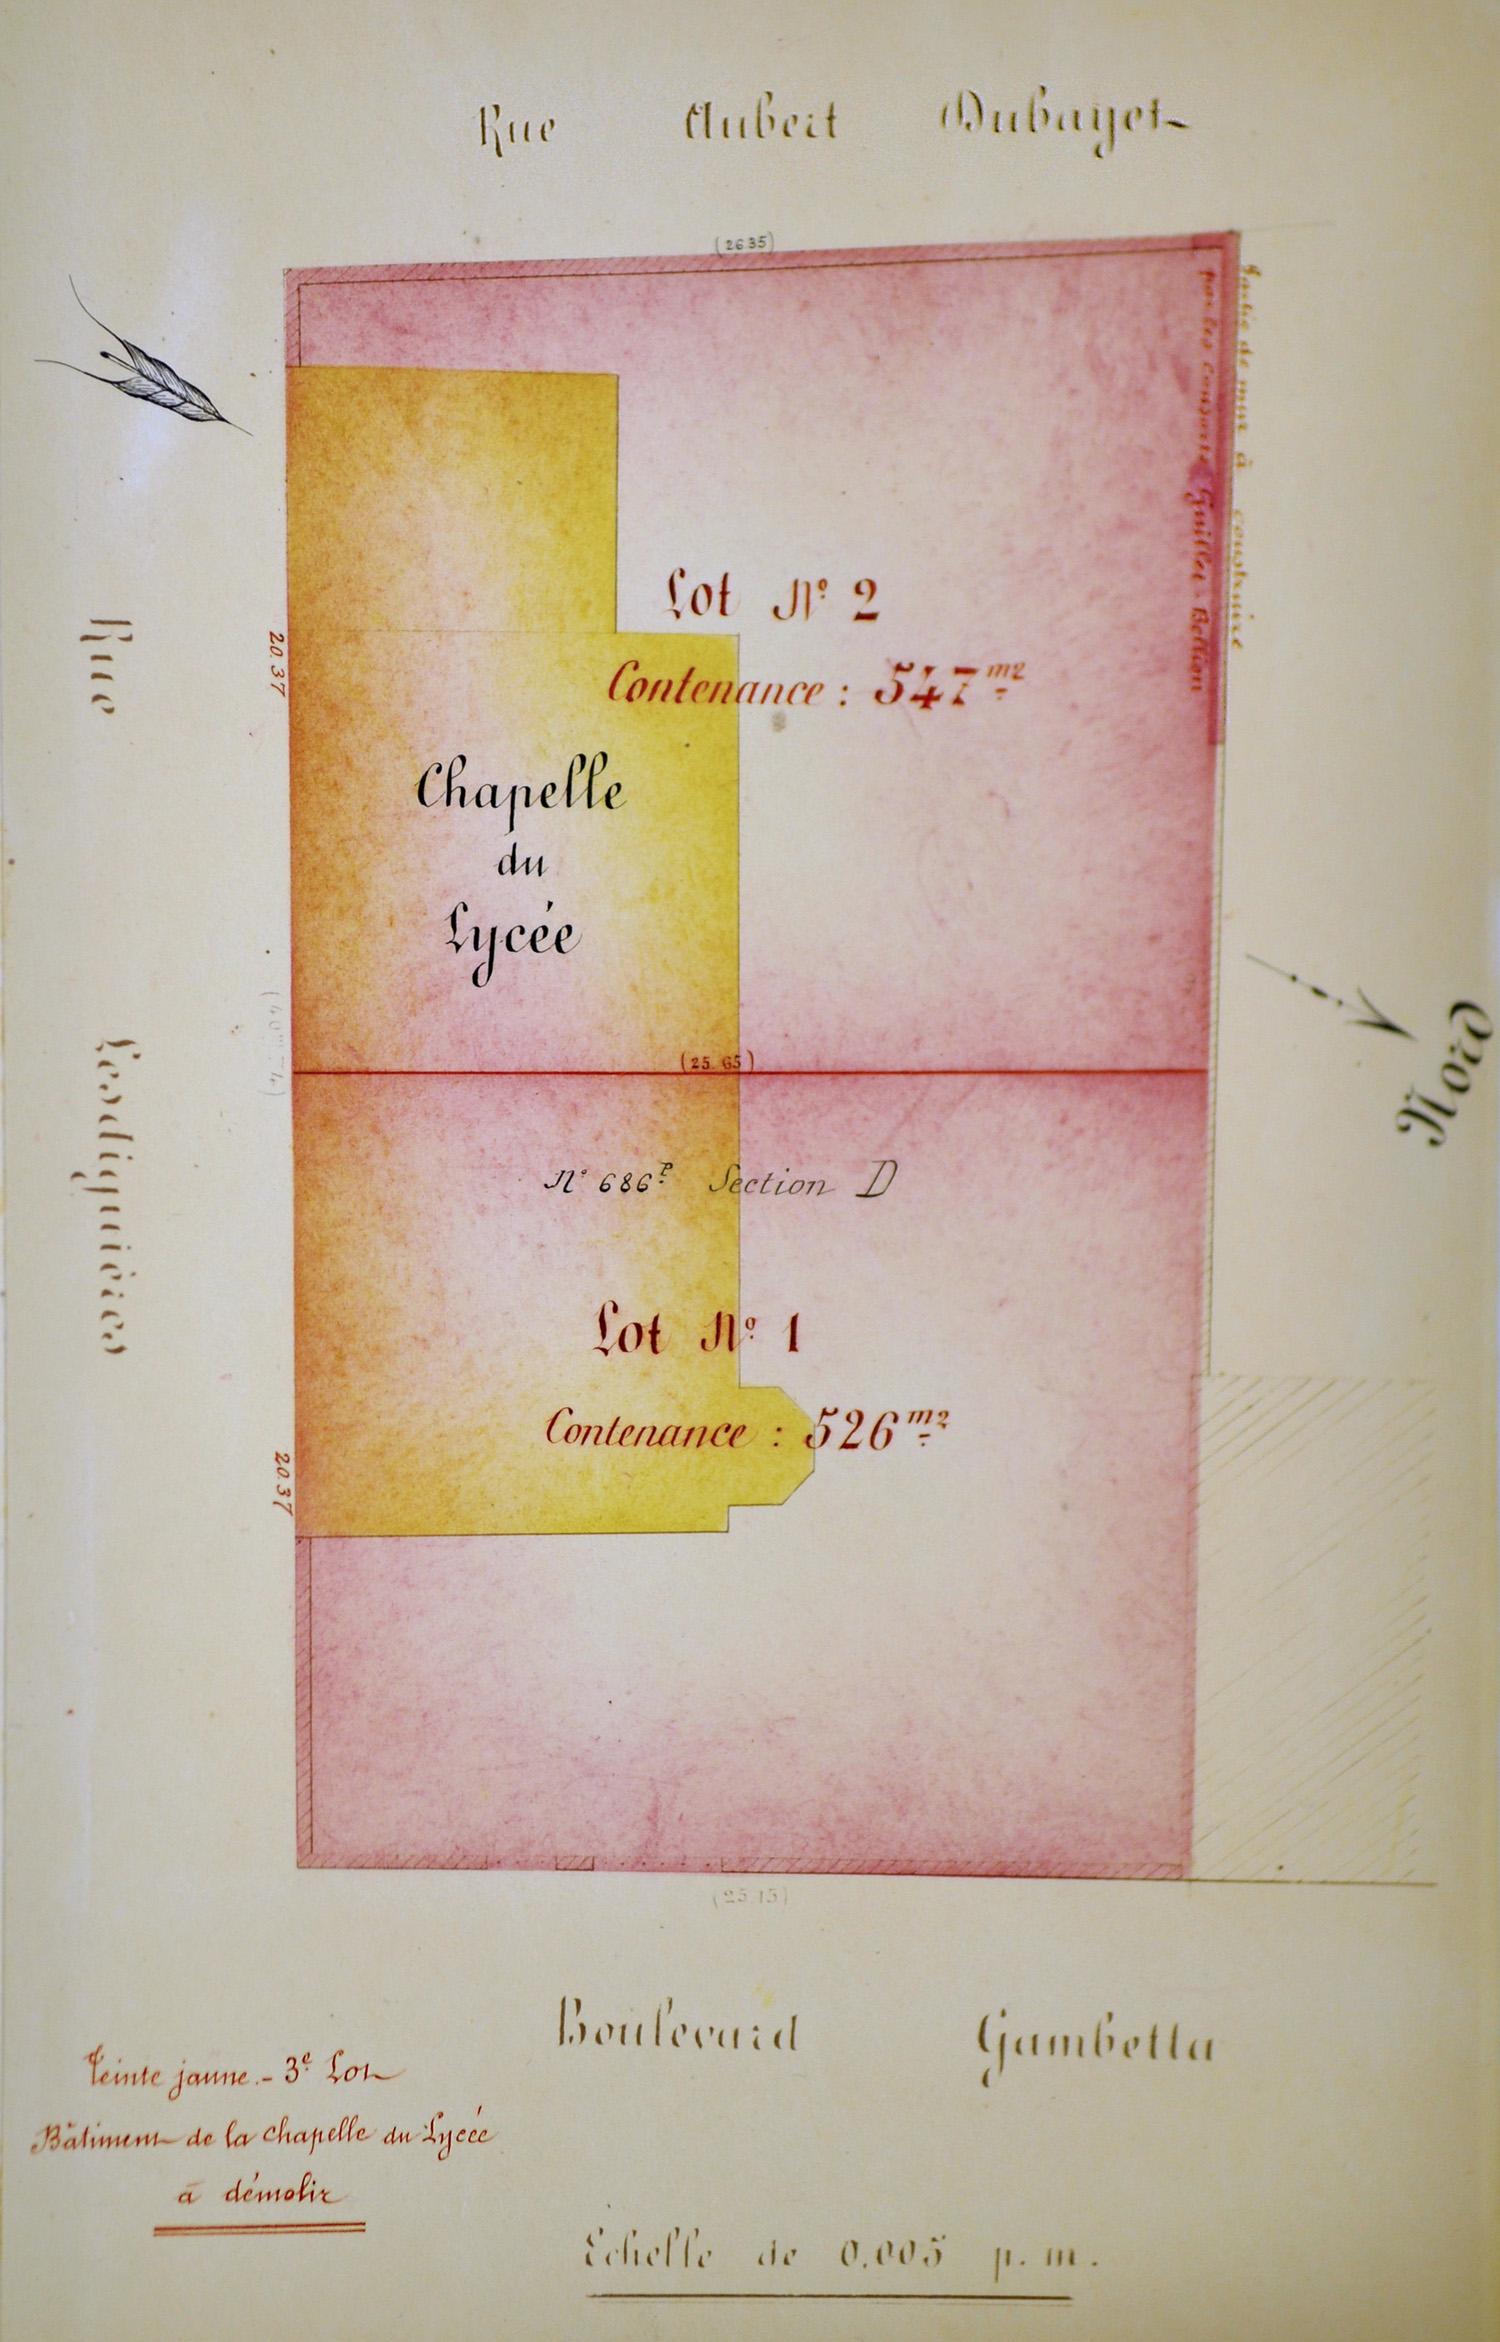 Chapelle du lycée. Plan de lotissement, 8 septembre 1909 (Arch. mun. Grenoble, 4 M 73